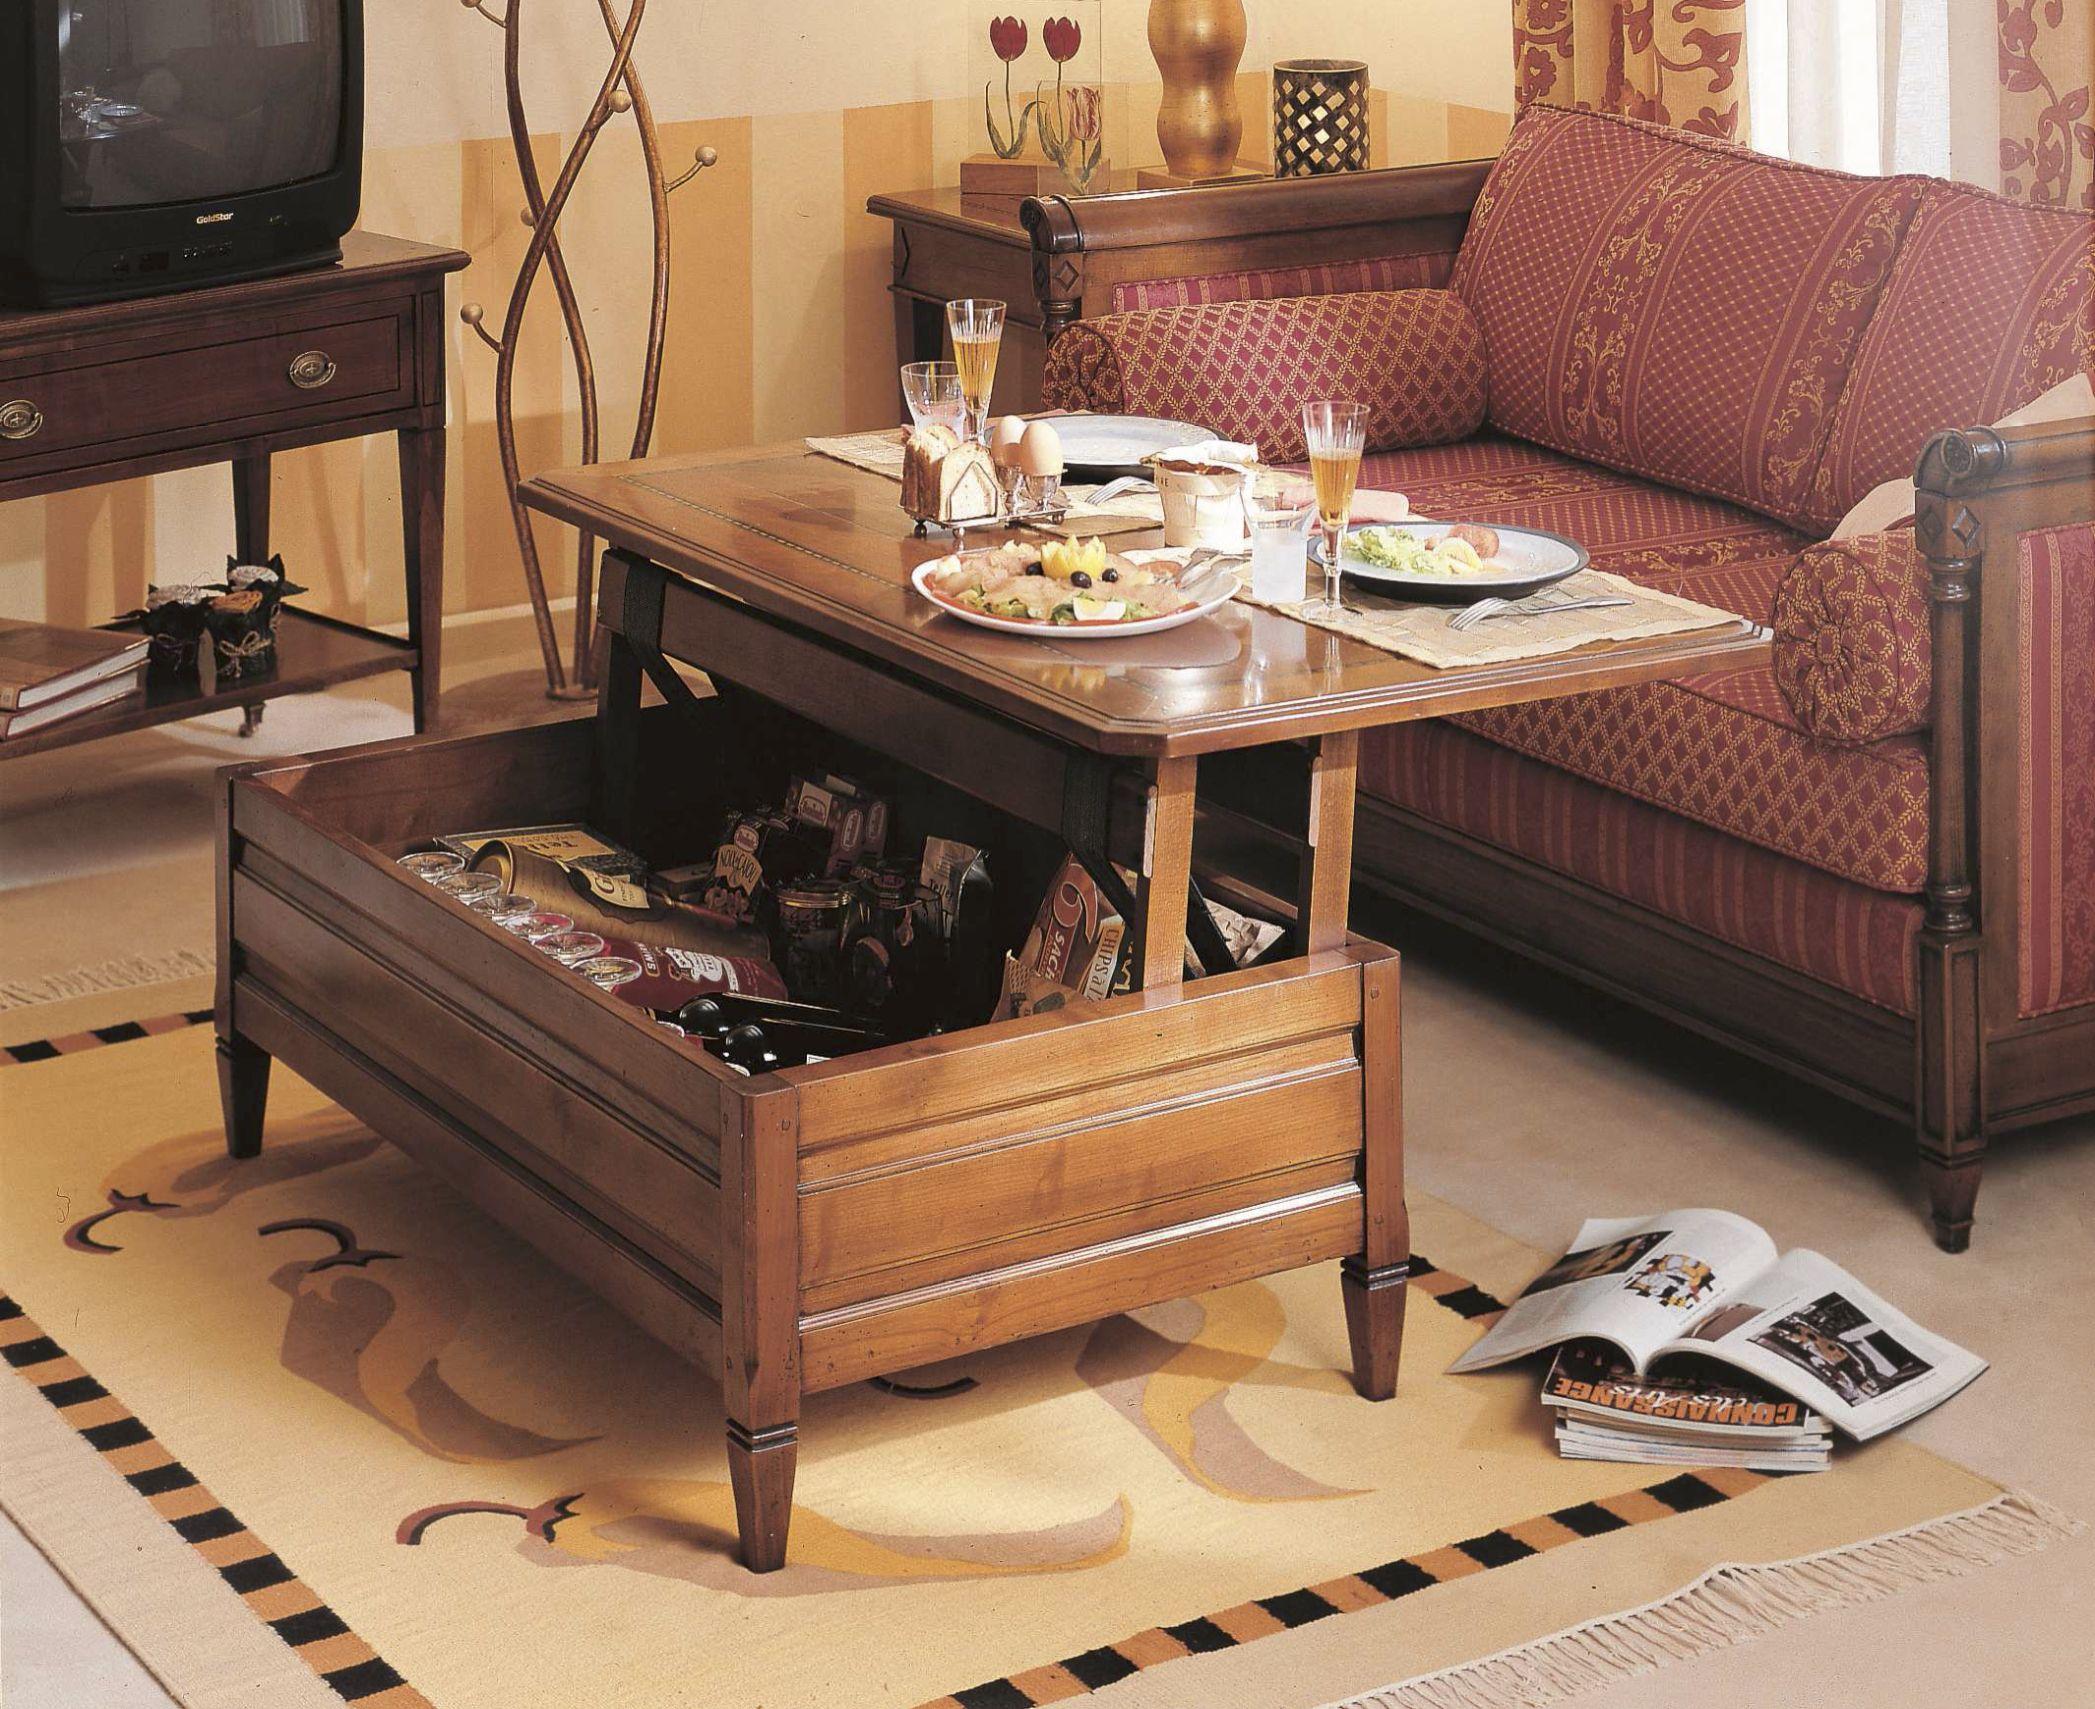 elegant fabriquer une table basse originale id es de conception de table basse. Black Bedroom Furniture Sets. Home Design Ideas